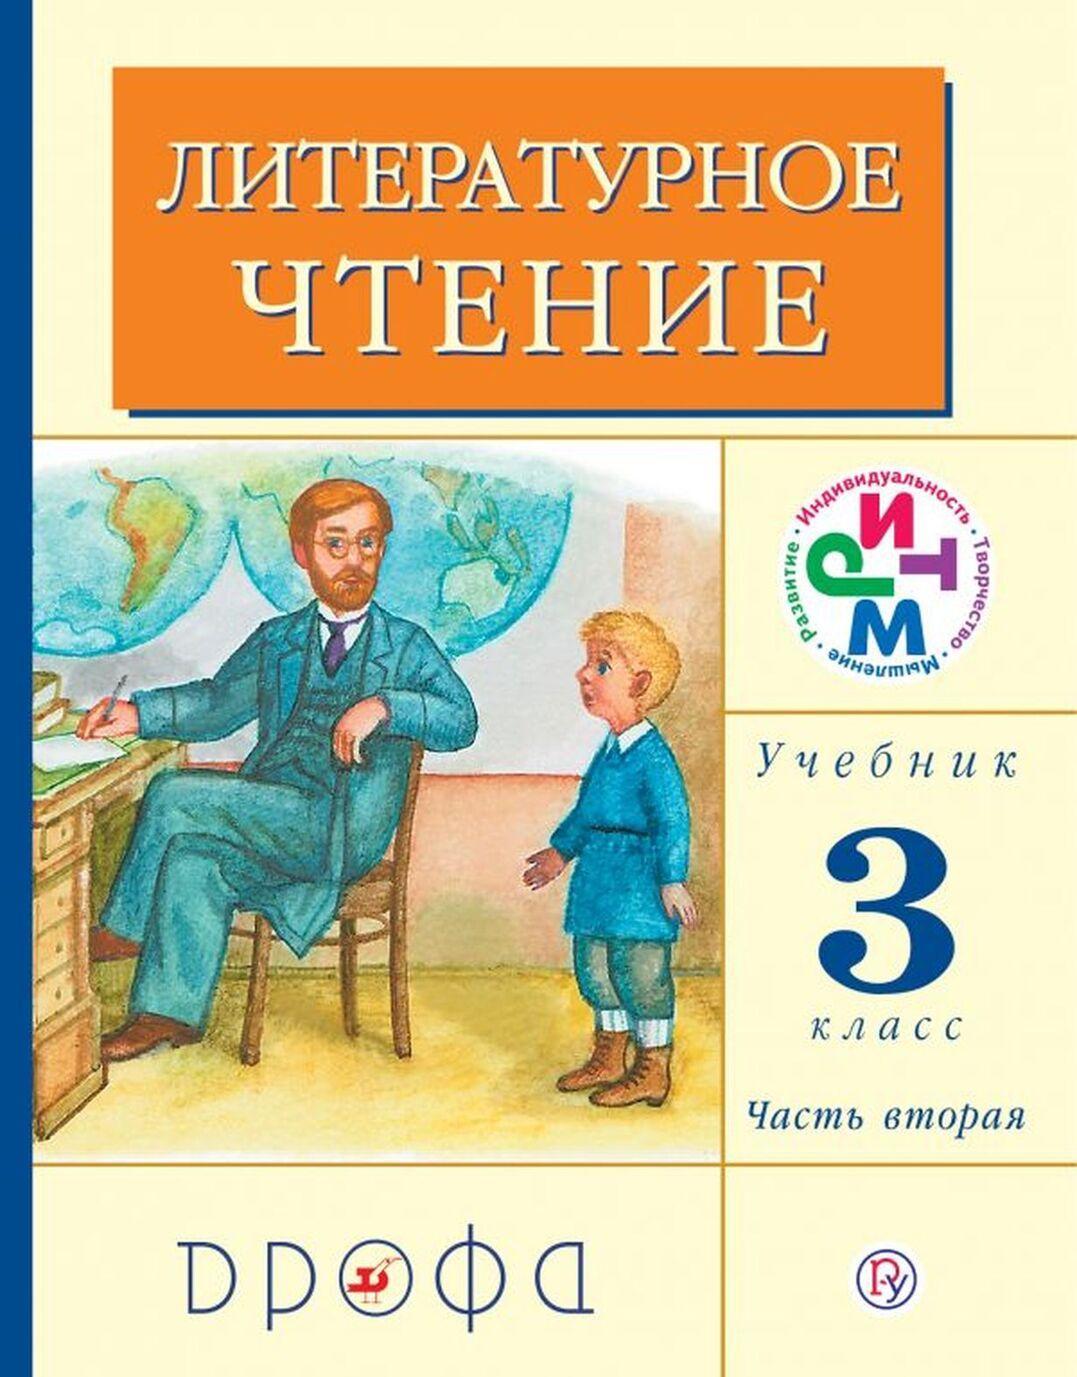 Literaturnoe chtenie. 3 klass. Uchebnik. V 2-kh chastjakh. Chast 2 | Grekhneva Galina Mikhajlovna, Korepova Klara Evgenevna